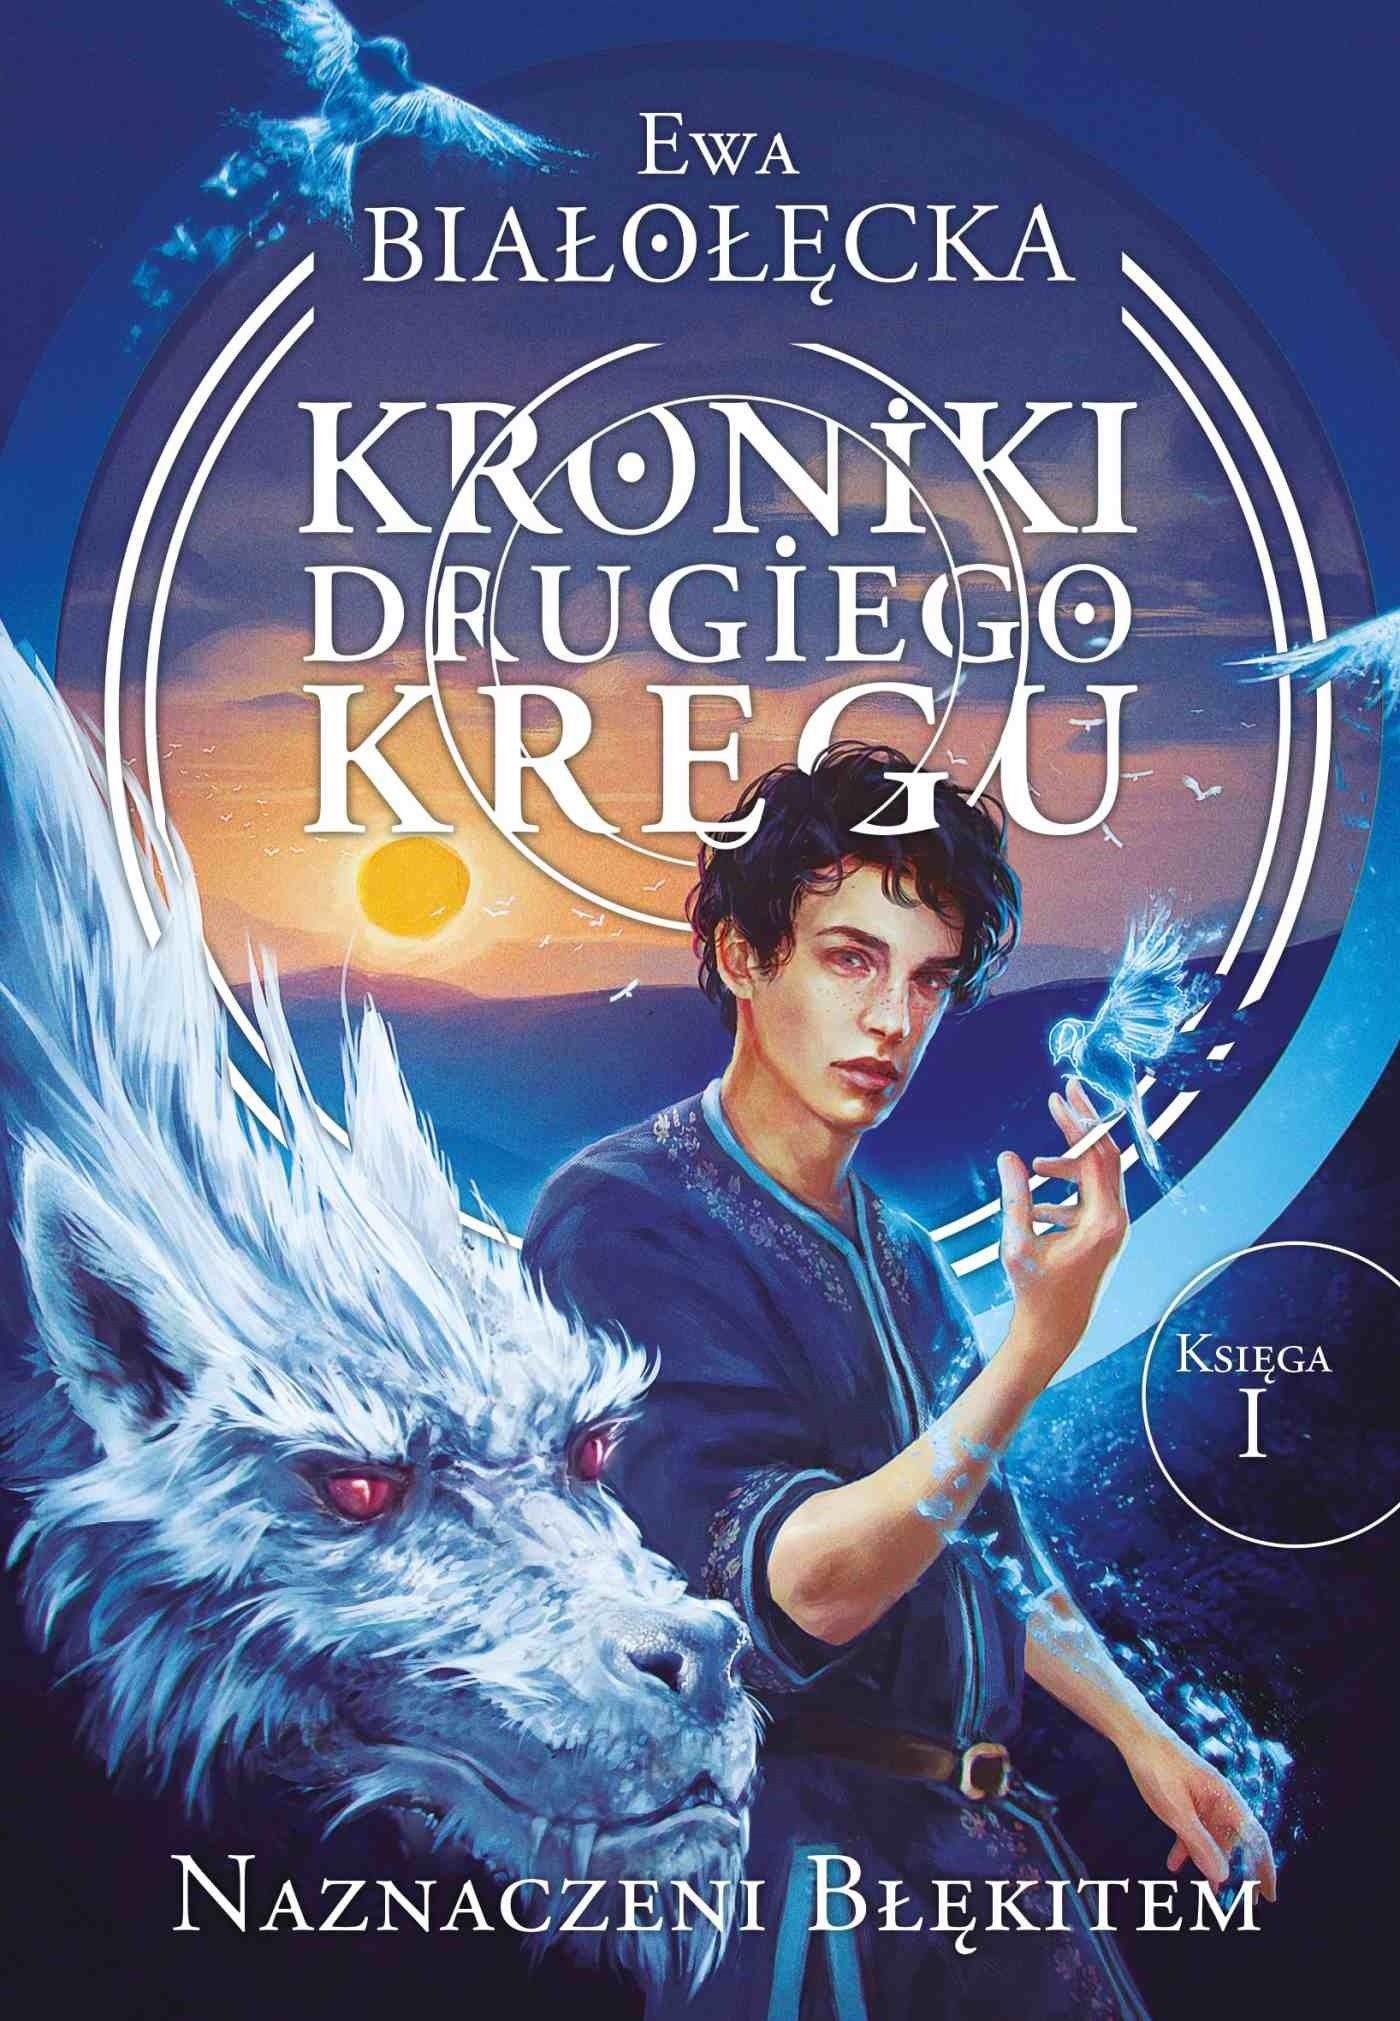 Kroniki Drugiego Kręgu Tom 1 Naznaczeni błękitem - Ewa Białołęcka - ebook